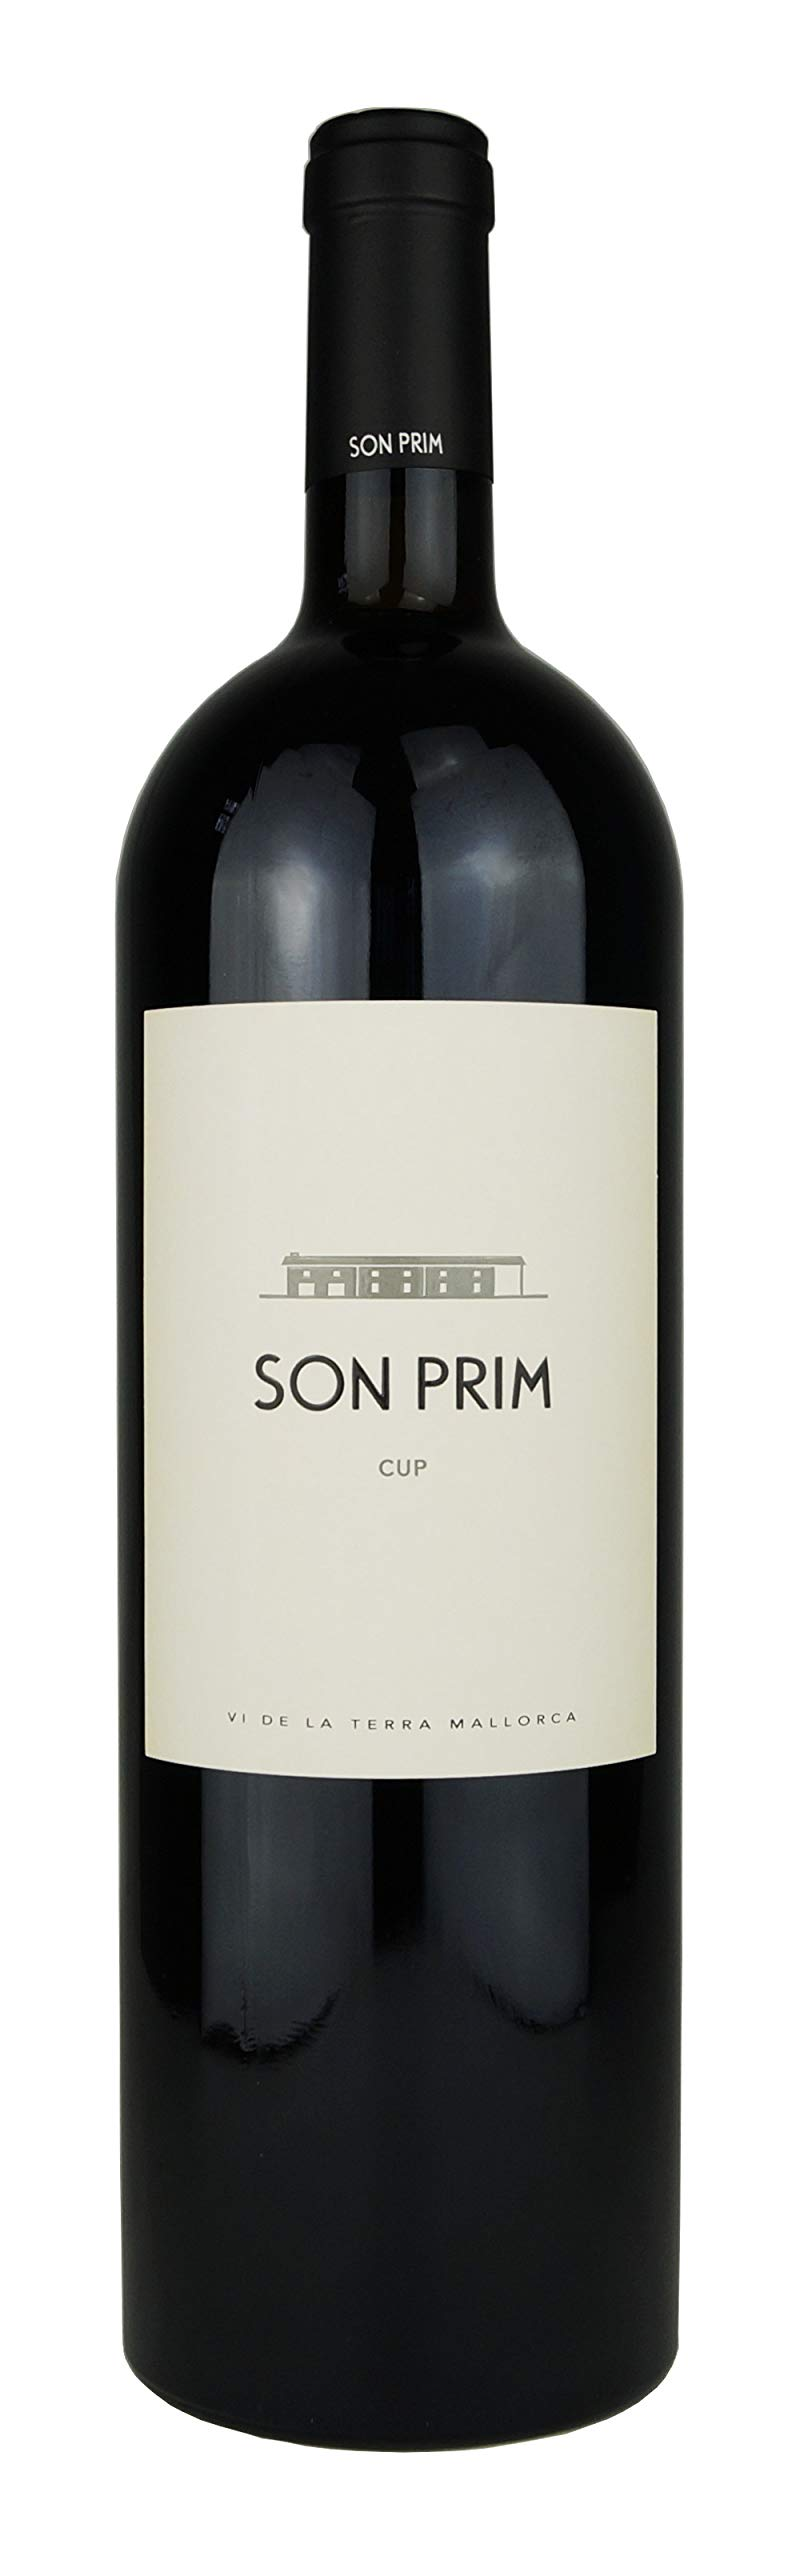 Son-Prim-Magnum-CUP-Cuve-2015-trocken-1-x-15-l